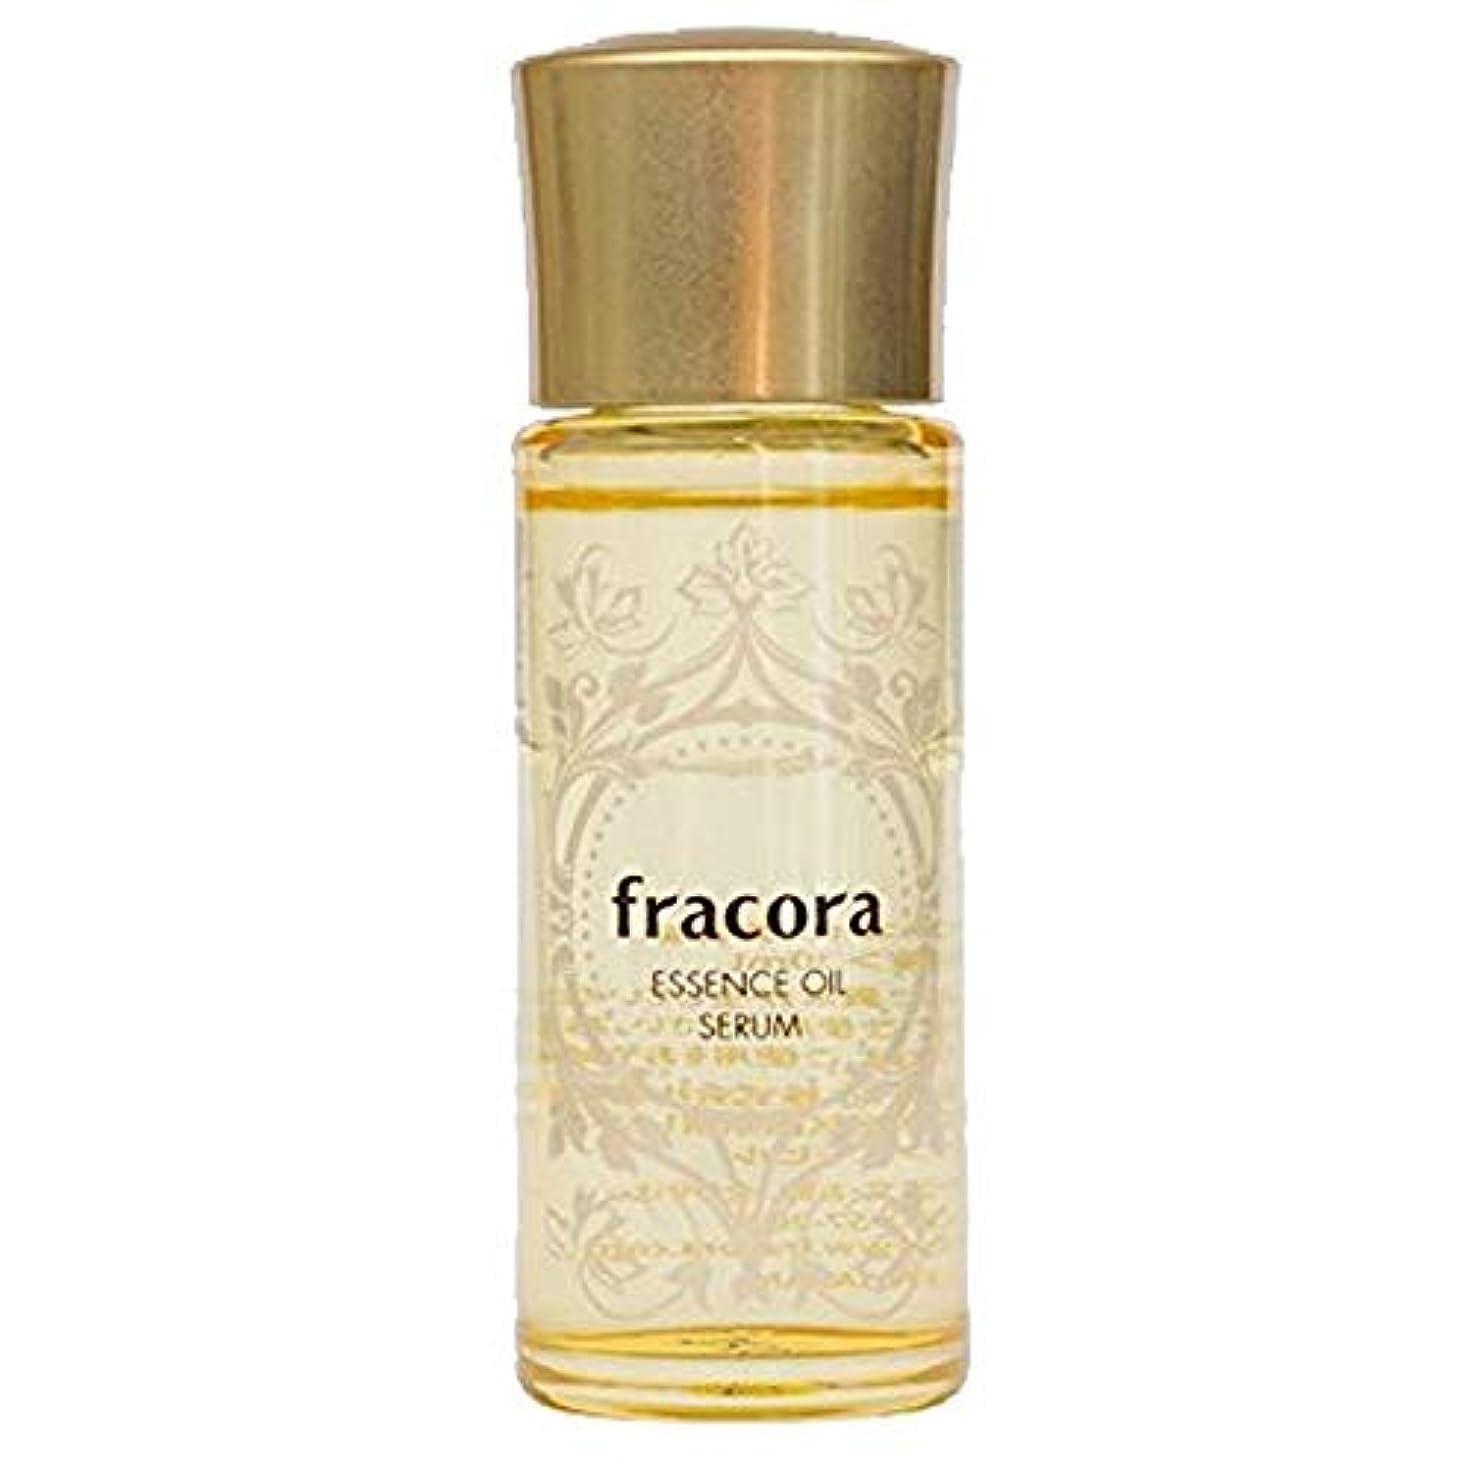 ボクシング一時解雇する読書をするfracora(フラコラ) エッセンスオイル美容液 30mL